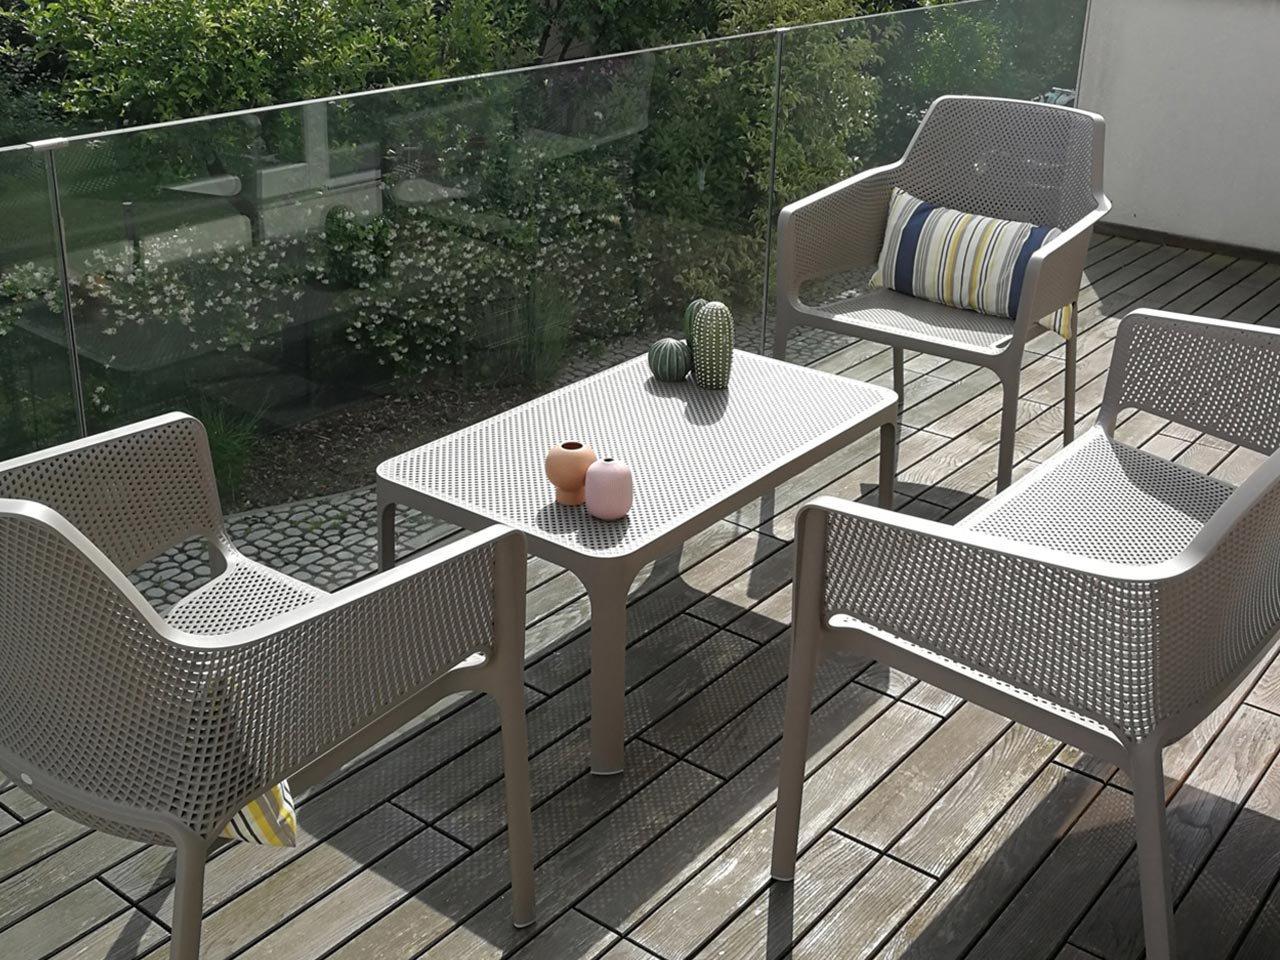 Scopri i Testimonial del prodotto Set salotto da giardino Net Relax Bench